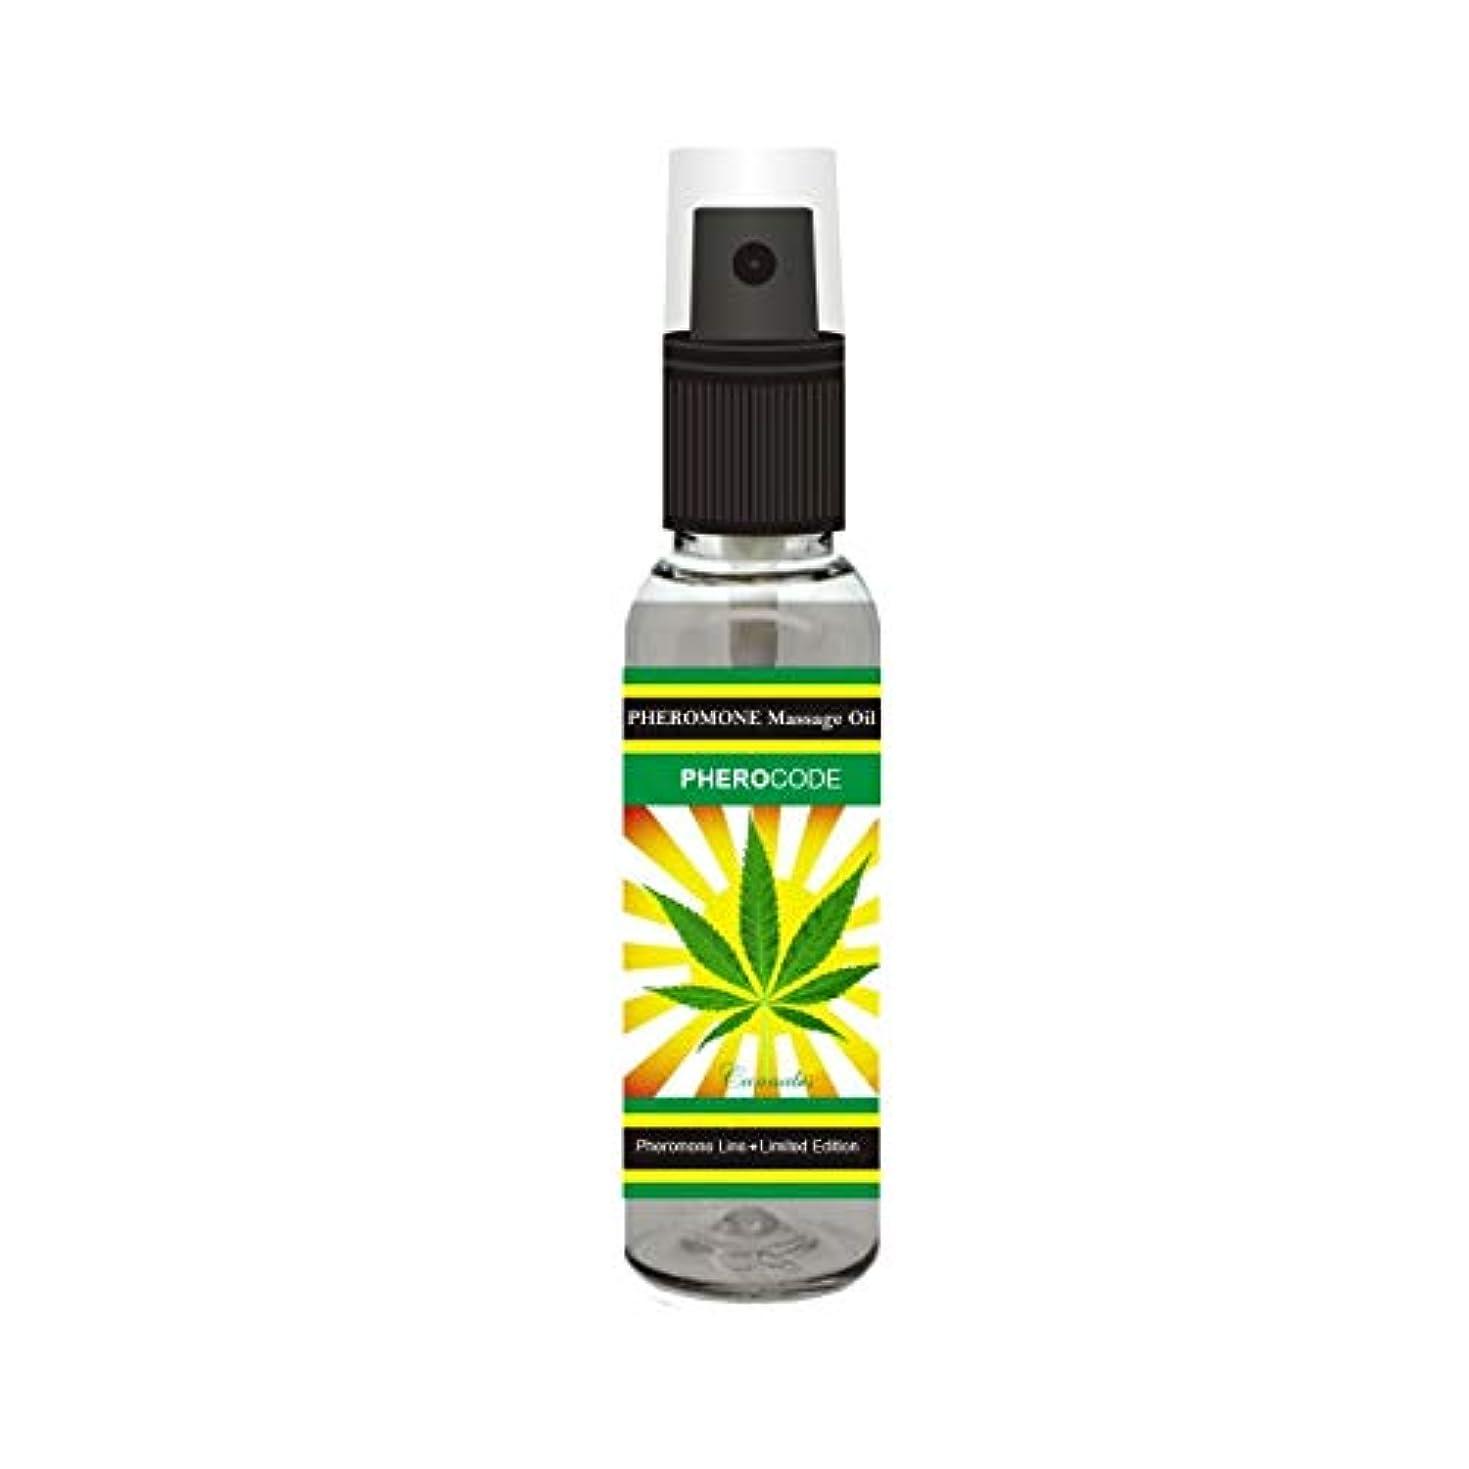 見落とす略奪脱臼するベストマッサージ&ボディオイルPherCode 100ml官能的媚薬大麻フェロモン